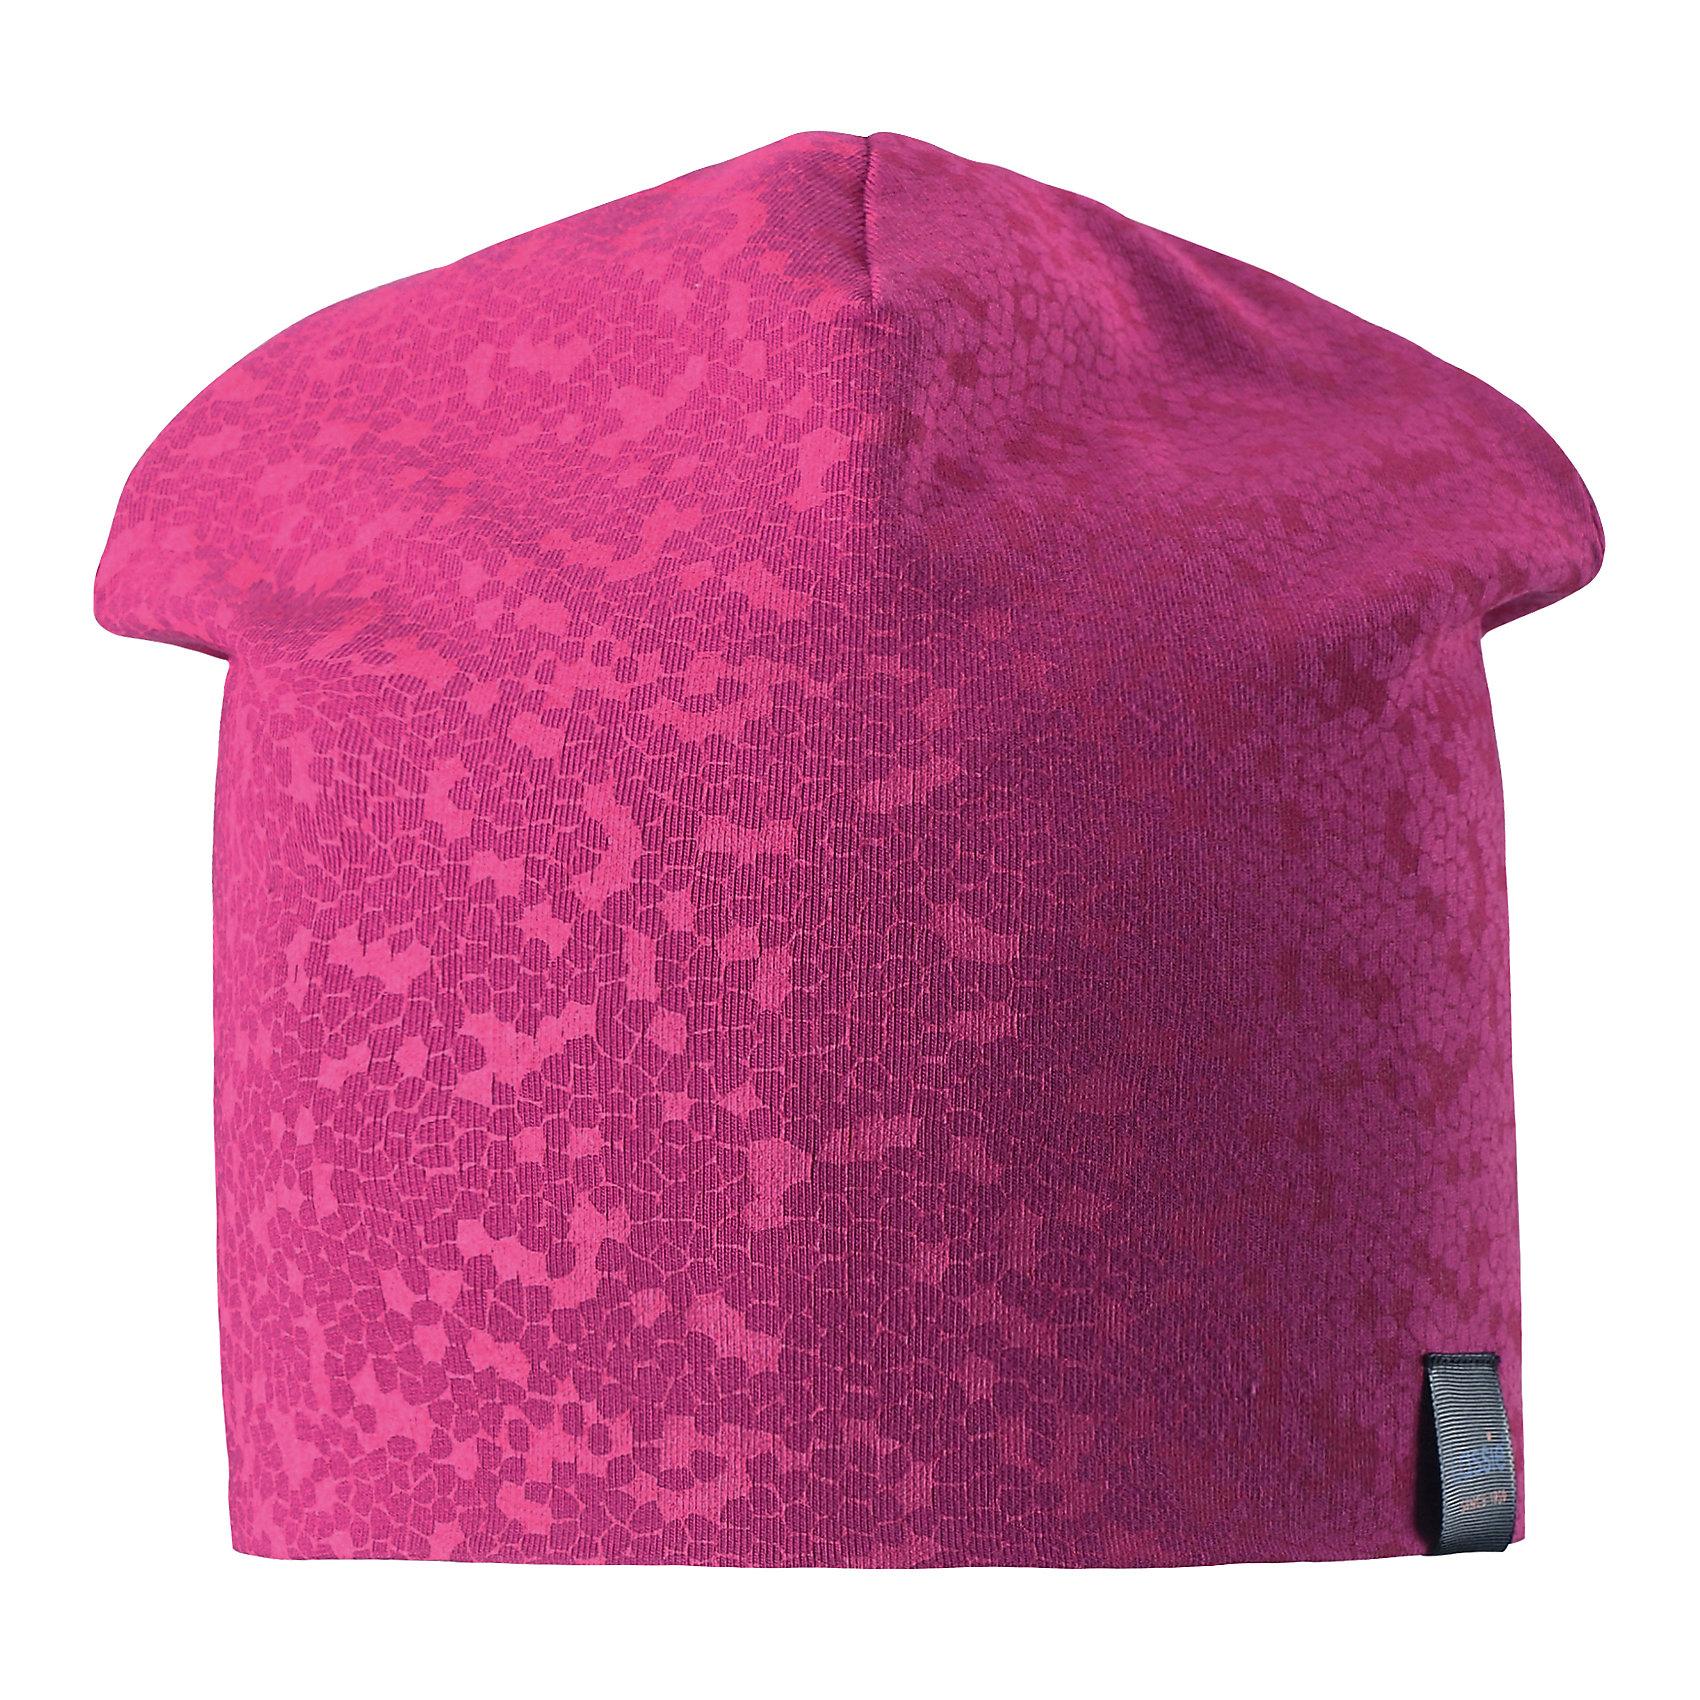 Шапка LASSIEШапки и шарфы<br>Характеристики товара:<br><br>• цвет: розовый<br>• температурный режим: от +15°до +5°С<br>• состав: 97% хлопок, 3% эластан<br>• эластичный материал<br>• мягкая сплошная подкладка: смесь хлопка jersey<br>• ветронепроницаемые вставки в области ушей<br>• принт<br>• комфортная посадка<br>• страна производства: Китай<br>• страна бренда: Финляндия<br>• коллекция: весна-лето 2017<br><br>Детский головной убор может быть модным и удобным одновременно! Стильная шапка поможет обеспечить ребенку комфорт и дополнить наряд. Она отлично смотрится с различной одеждой. Шапка удобно сидит и аккуратно выглядит. Проста в уходе, долго служит. Продуманный крой разрабатывался специально для детей.<br><br>Обувь и одежда от финского бренда LASSIE пользуются популярностью во многих странах. Они стильные, качественные и удобные. Для производства продукции используются только безопасные, проверенные материалы и фурнитура. Порадуйте ребенка модными и красивыми вещами от Lassie®! <br><br>Шапку от финского бренда LASSIE можно купить в нашем интернет-магазине.<br><br>Ширина мм: 89<br>Глубина мм: 117<br>Высота мм: 44<br>Вес г: 155<br>Цвет: розовый<br>Возраст от месяцев: 12<br>Возраст до месяцев: 18<br>Пол: Унисекс<br>Возраст: Детский<br>Размер: 46-48,54-56,50-52<br>SKU: 5264227